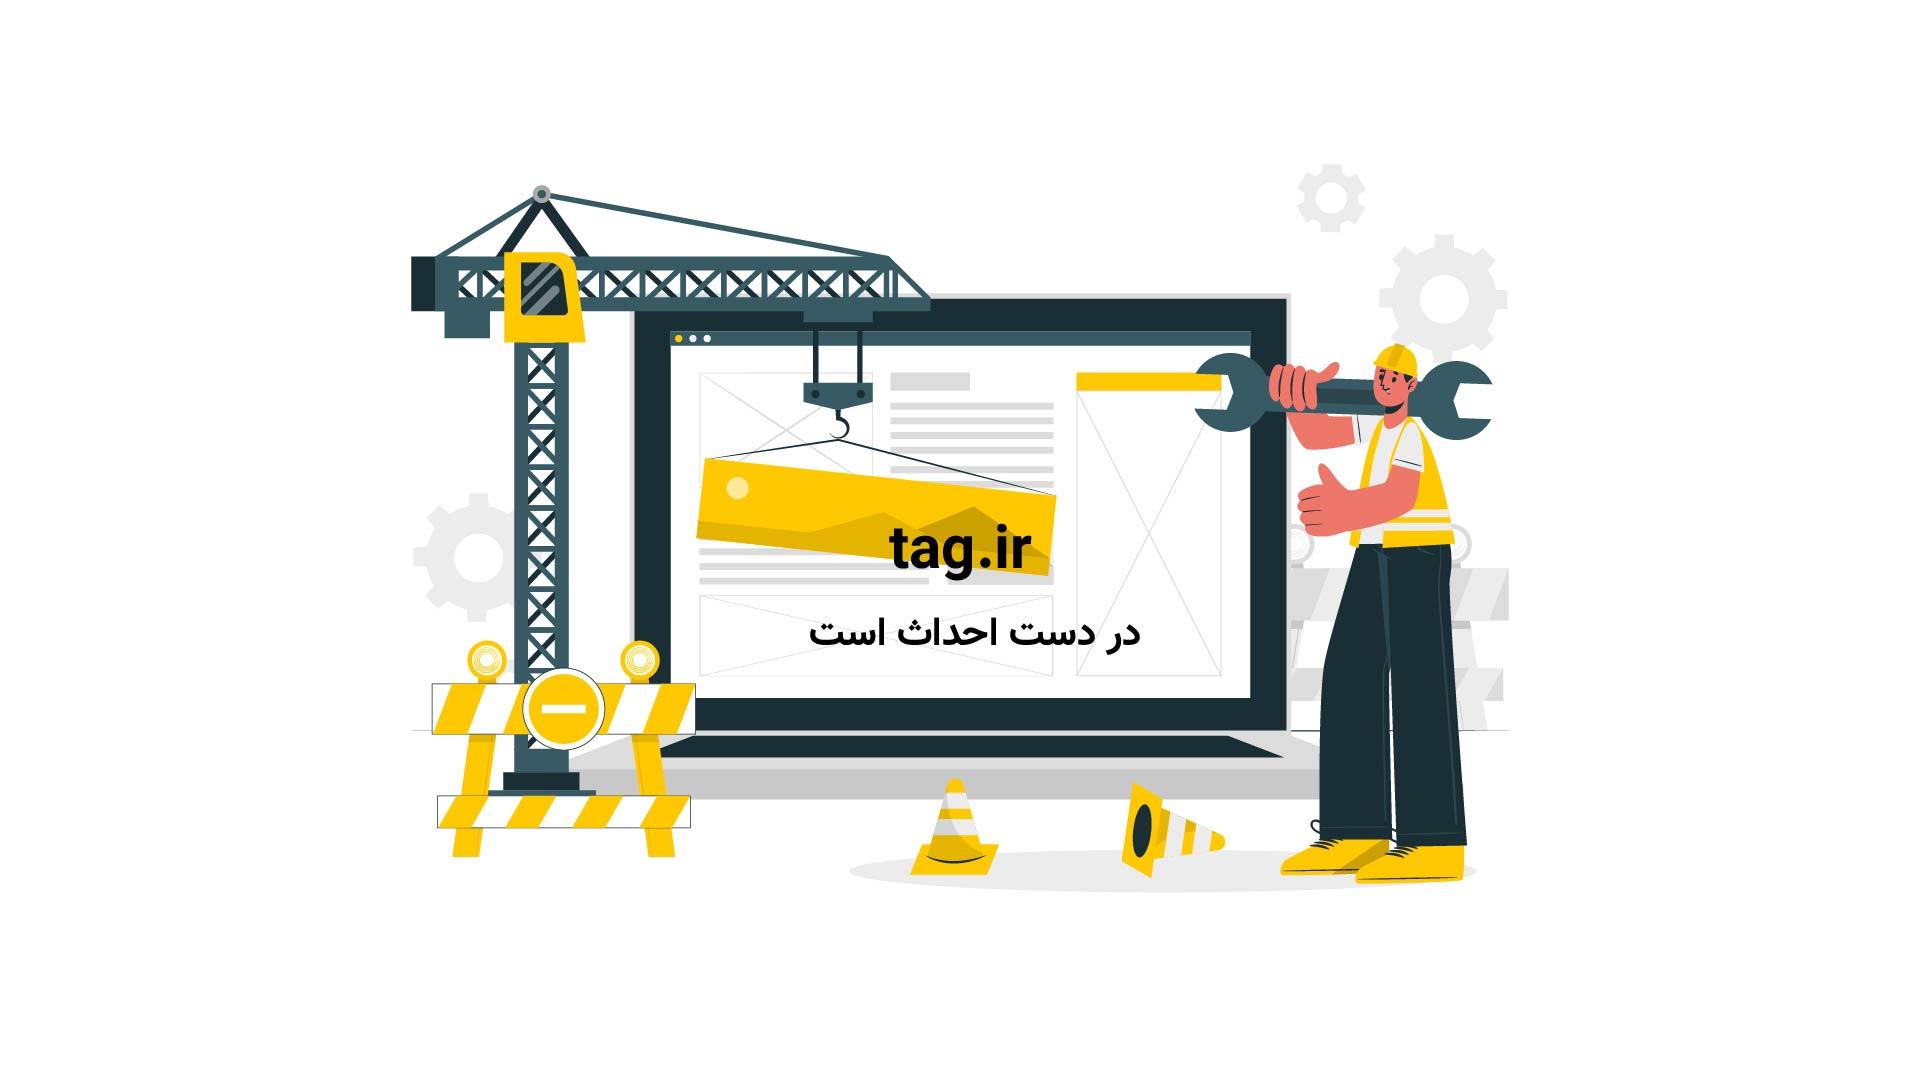 سخنرانی های تد ؛ مزیت غیر منتظرهی تجلیل کردن از شکست |فیلم